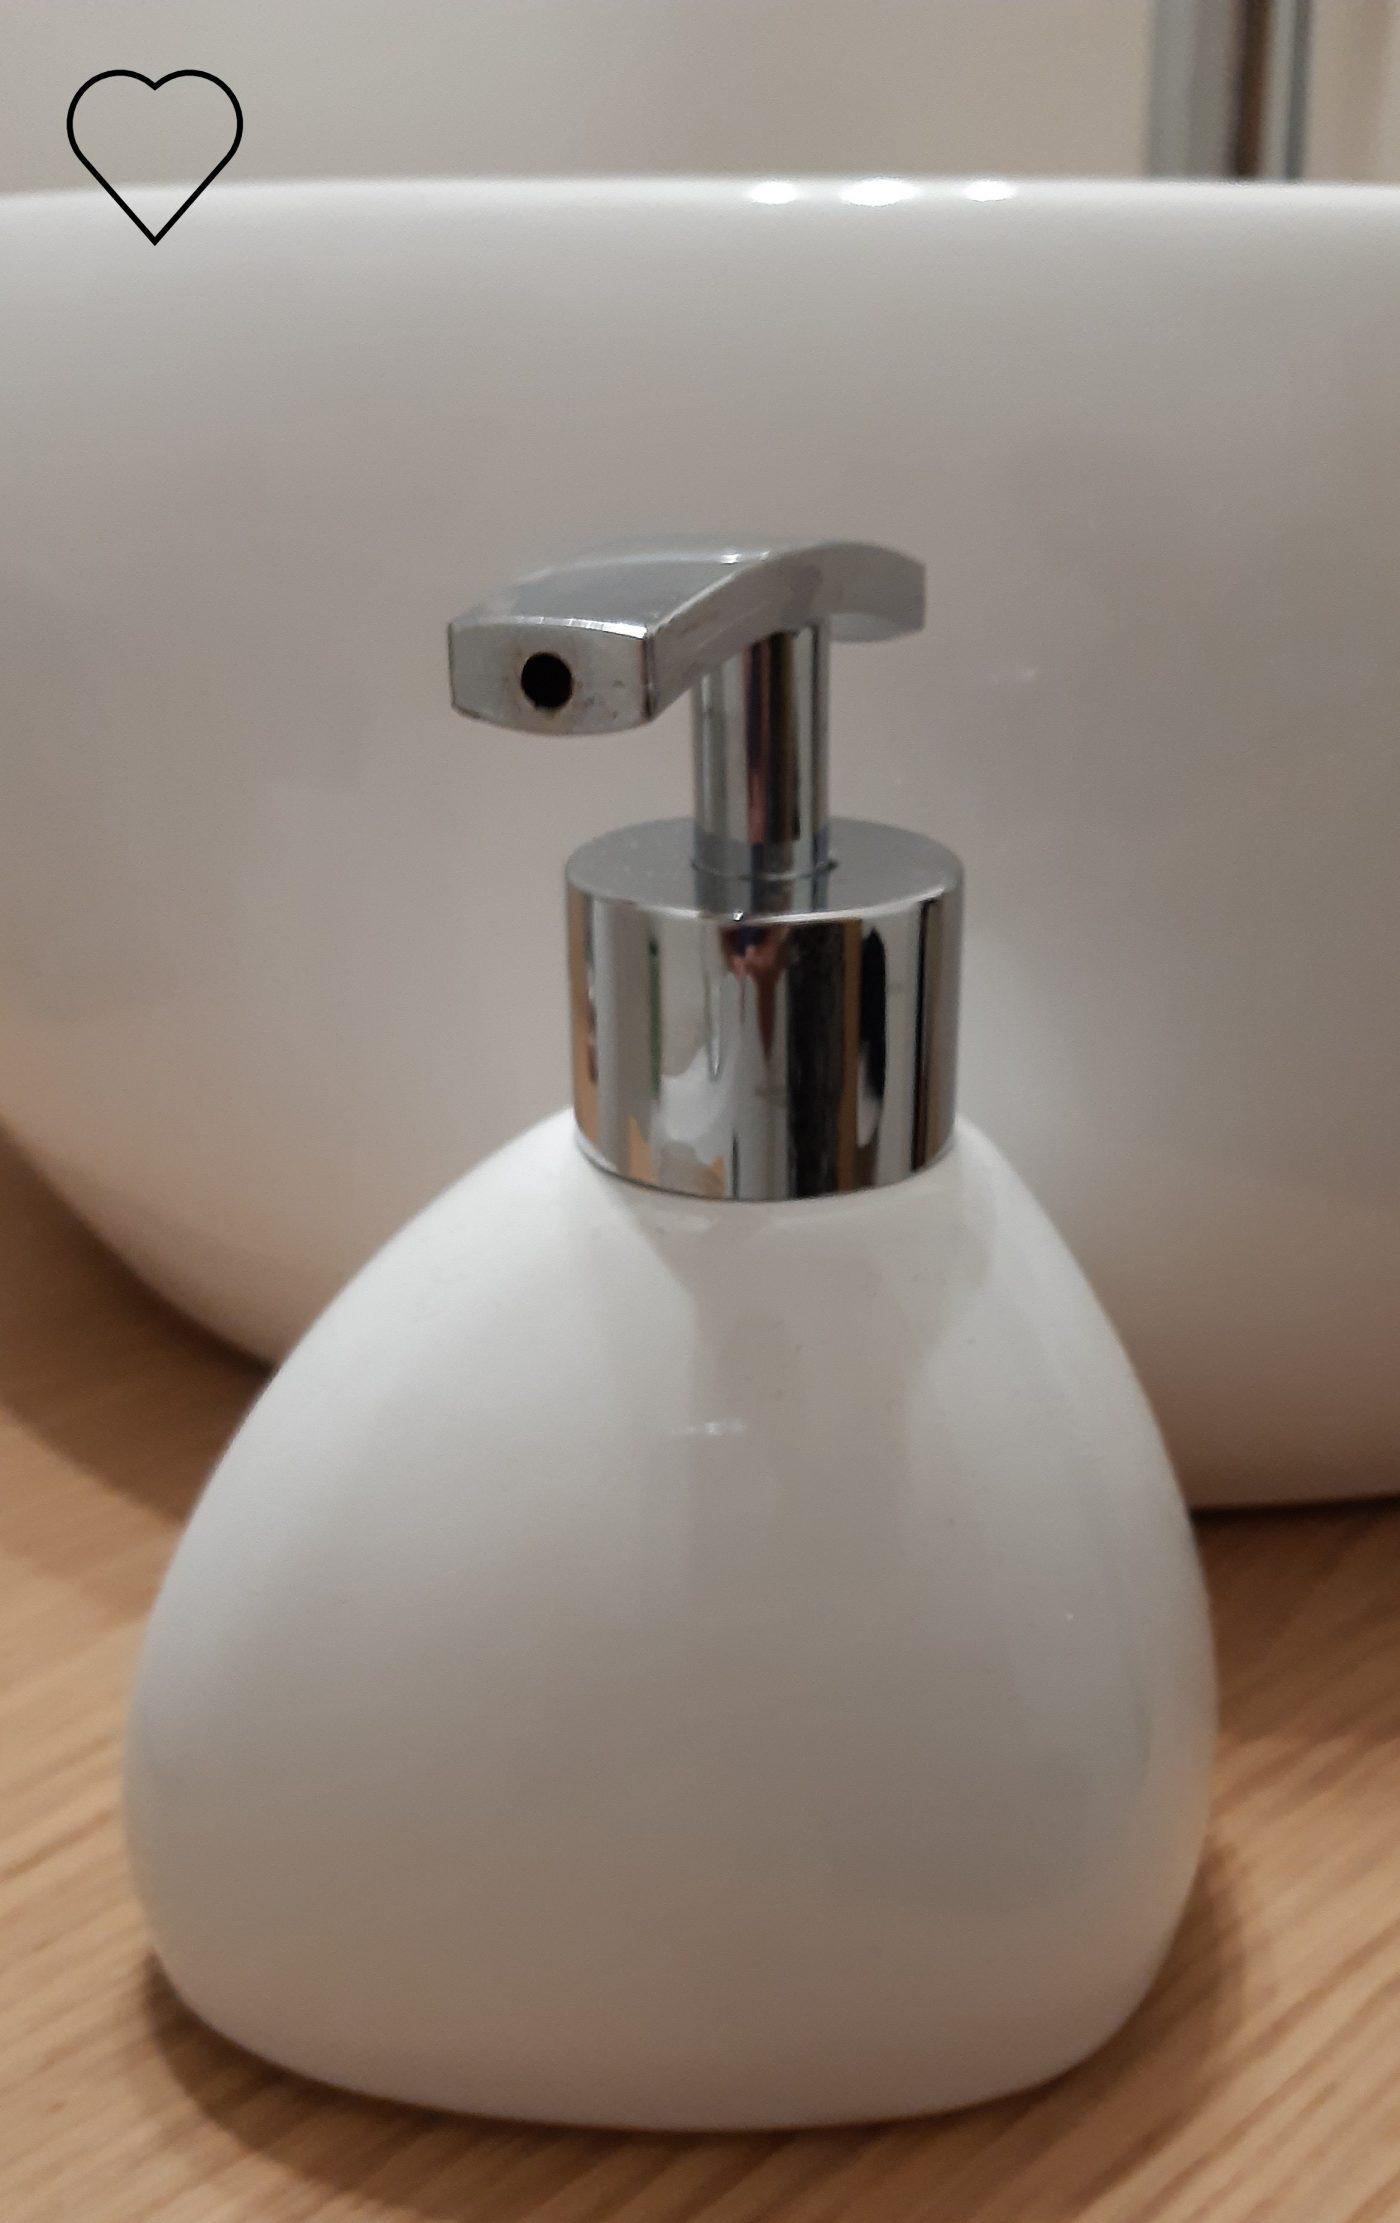 J'ai testé pour vous distributeur de savon silk blanc 5 five simply smart